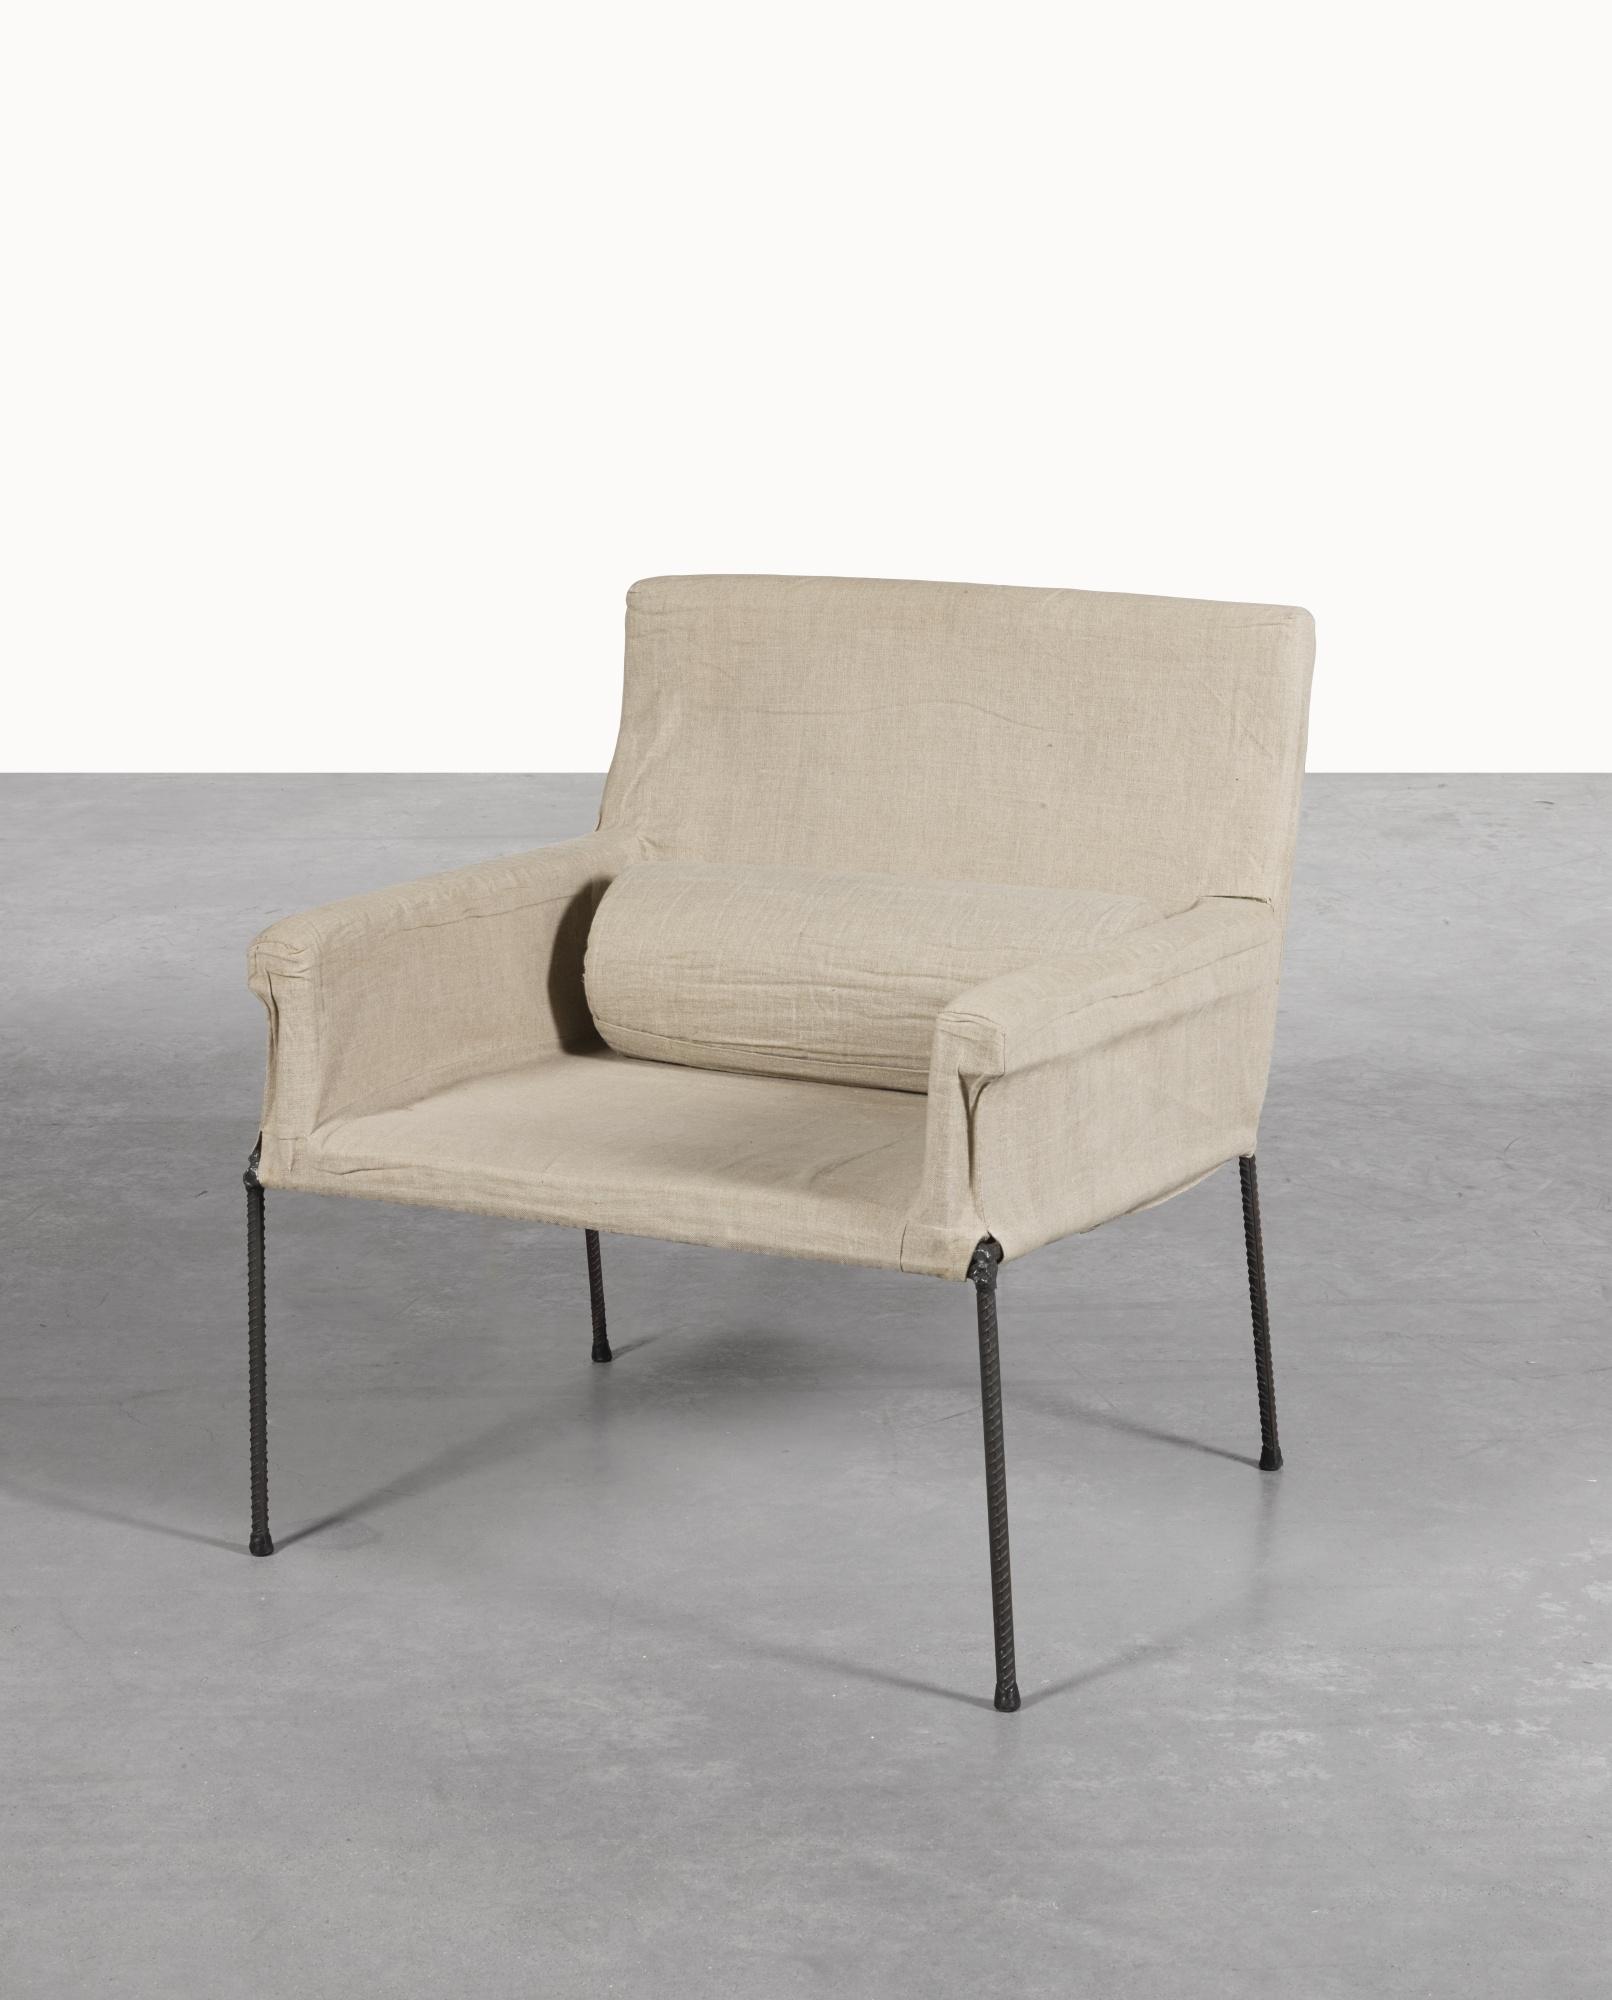 Franz West-Untitled (Club Chair)-2005